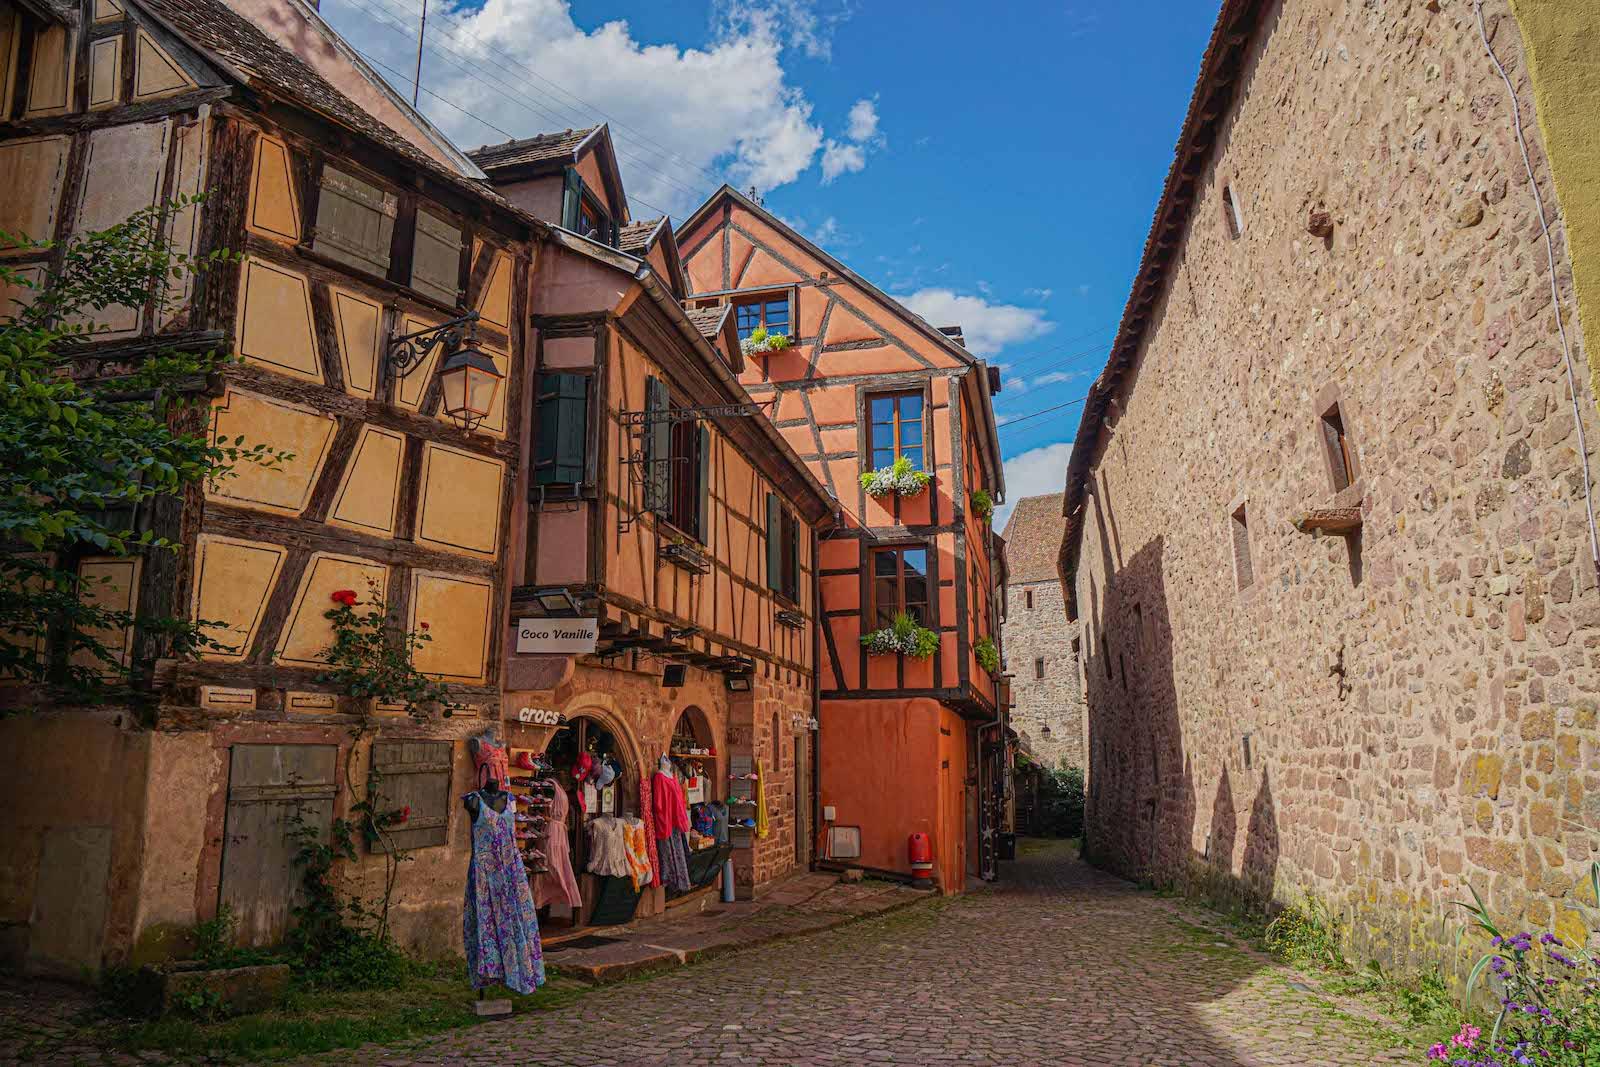 MS Anna Katharina Reisebericht Teil 3: Straßburg, Riquewihr & Rüdesheim